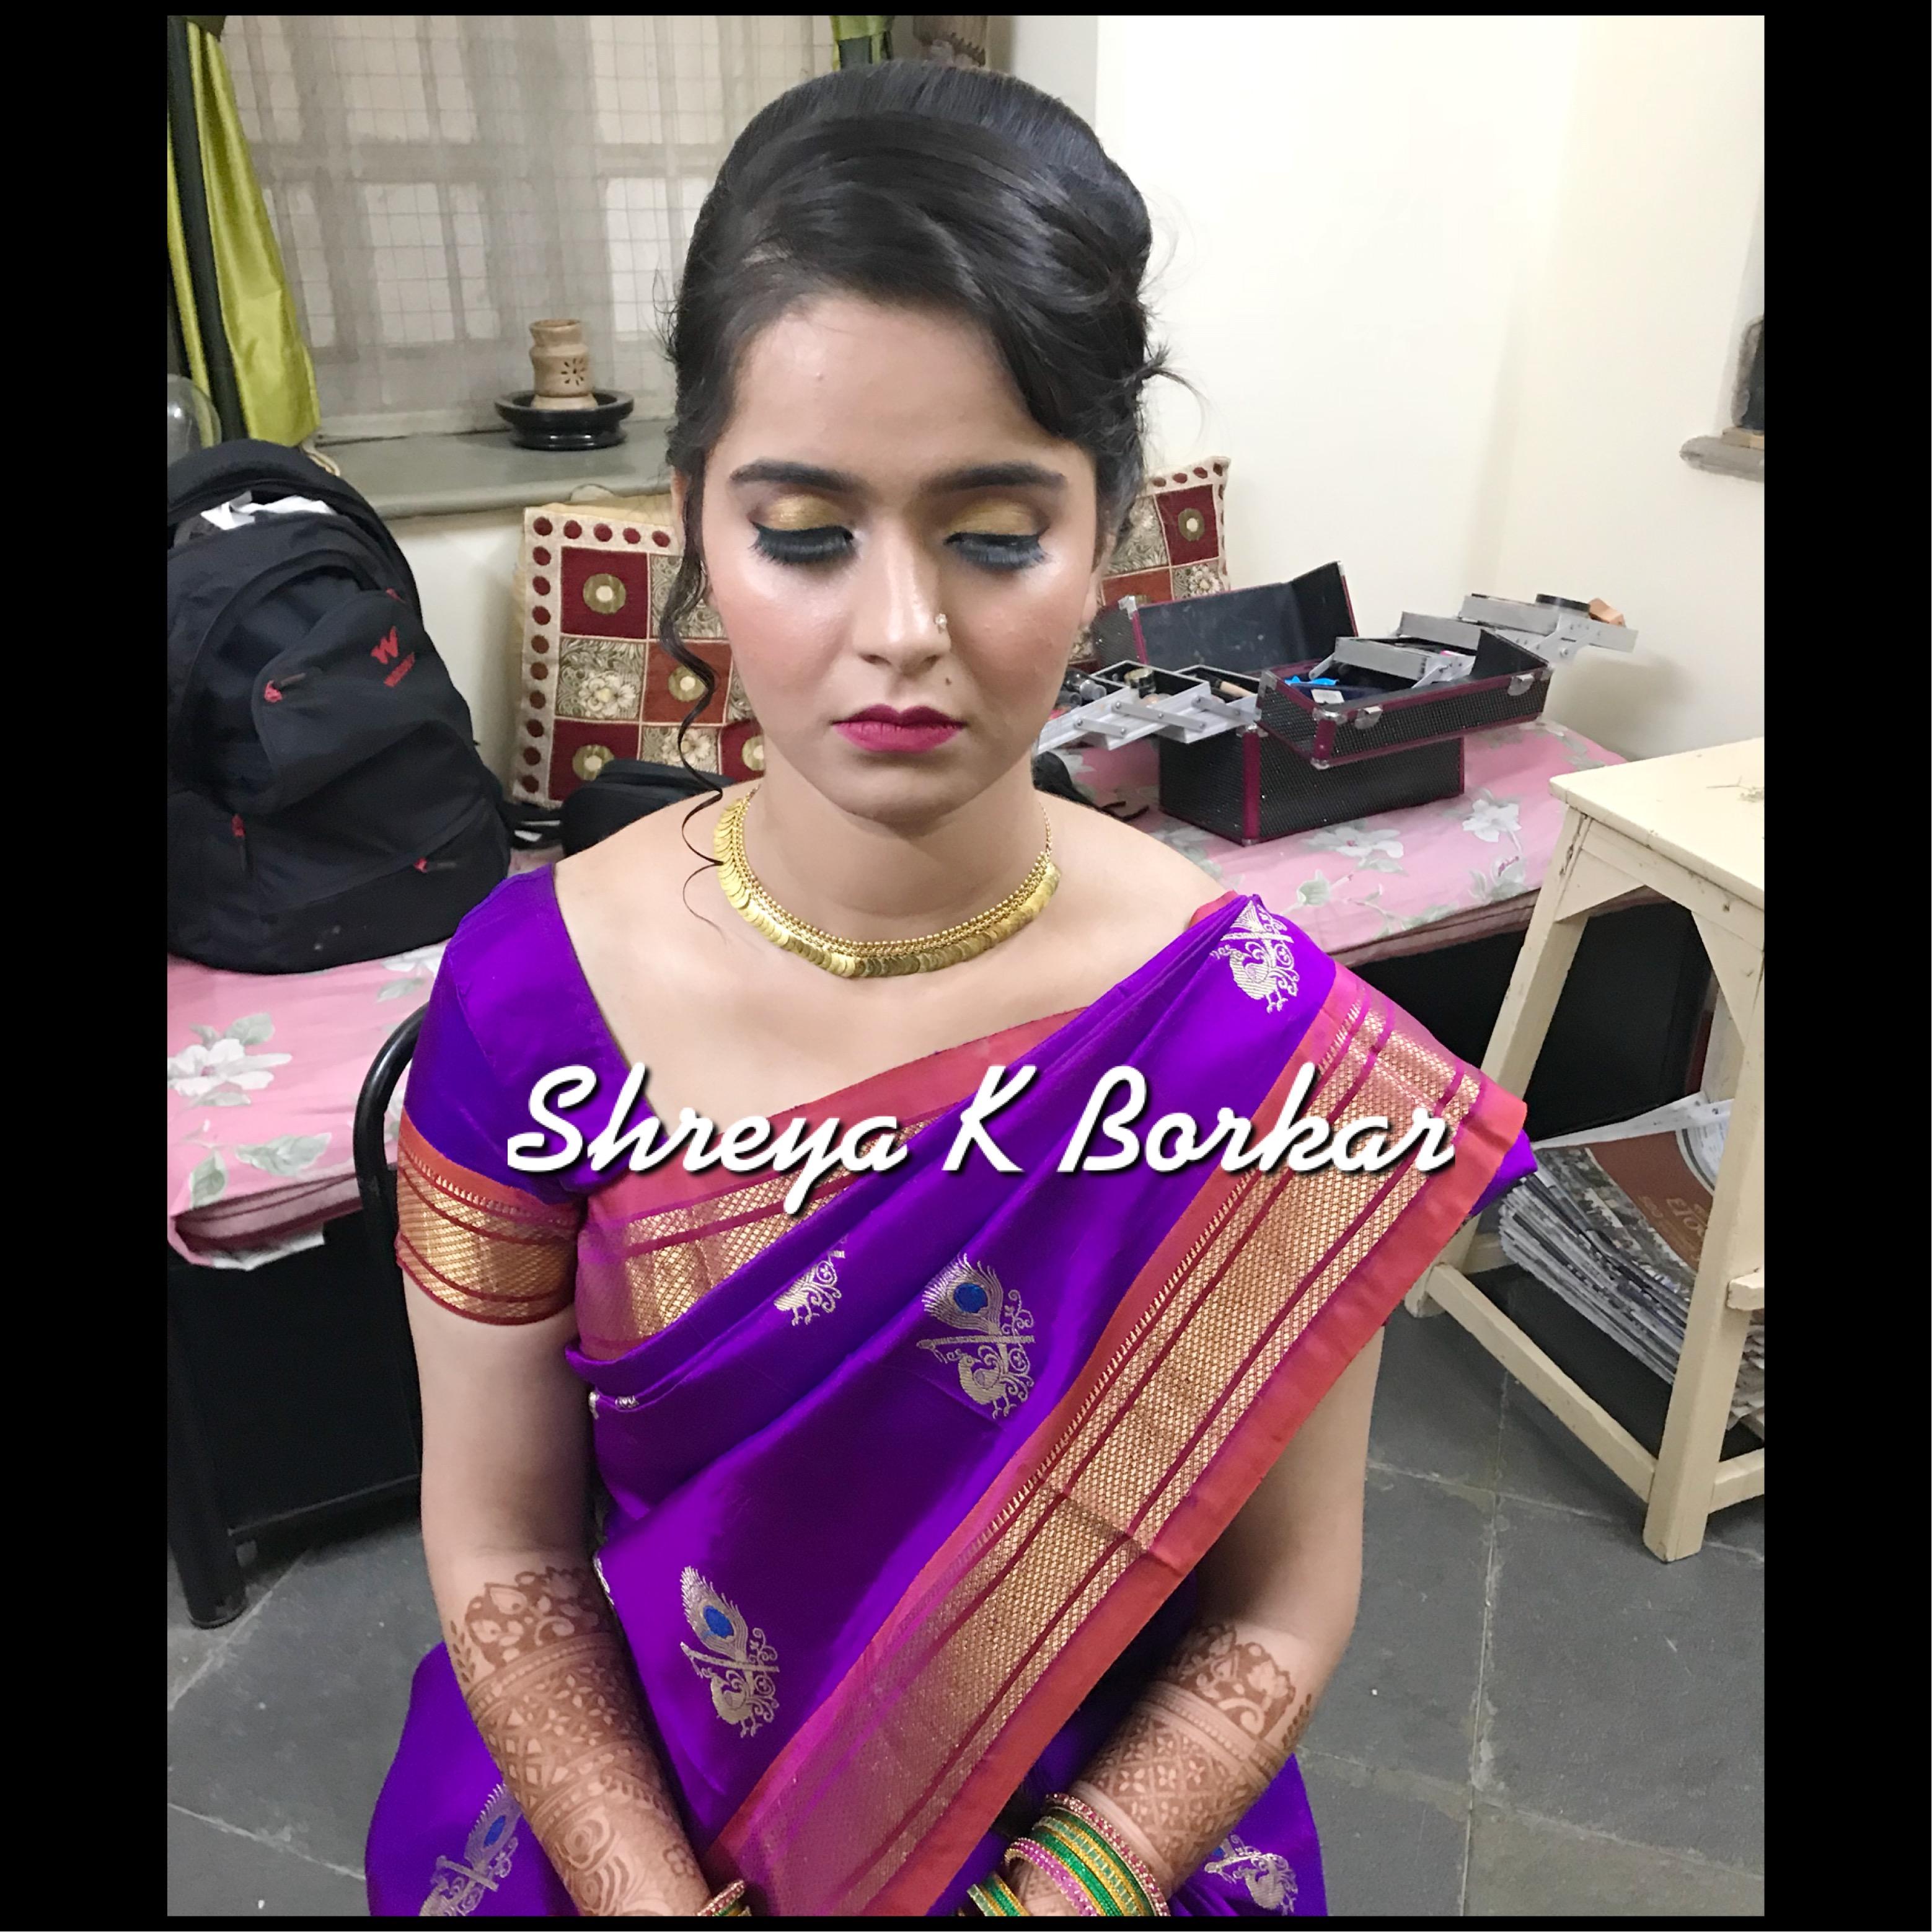 shreya-kamat-borkar-makeup-artist-mumbai